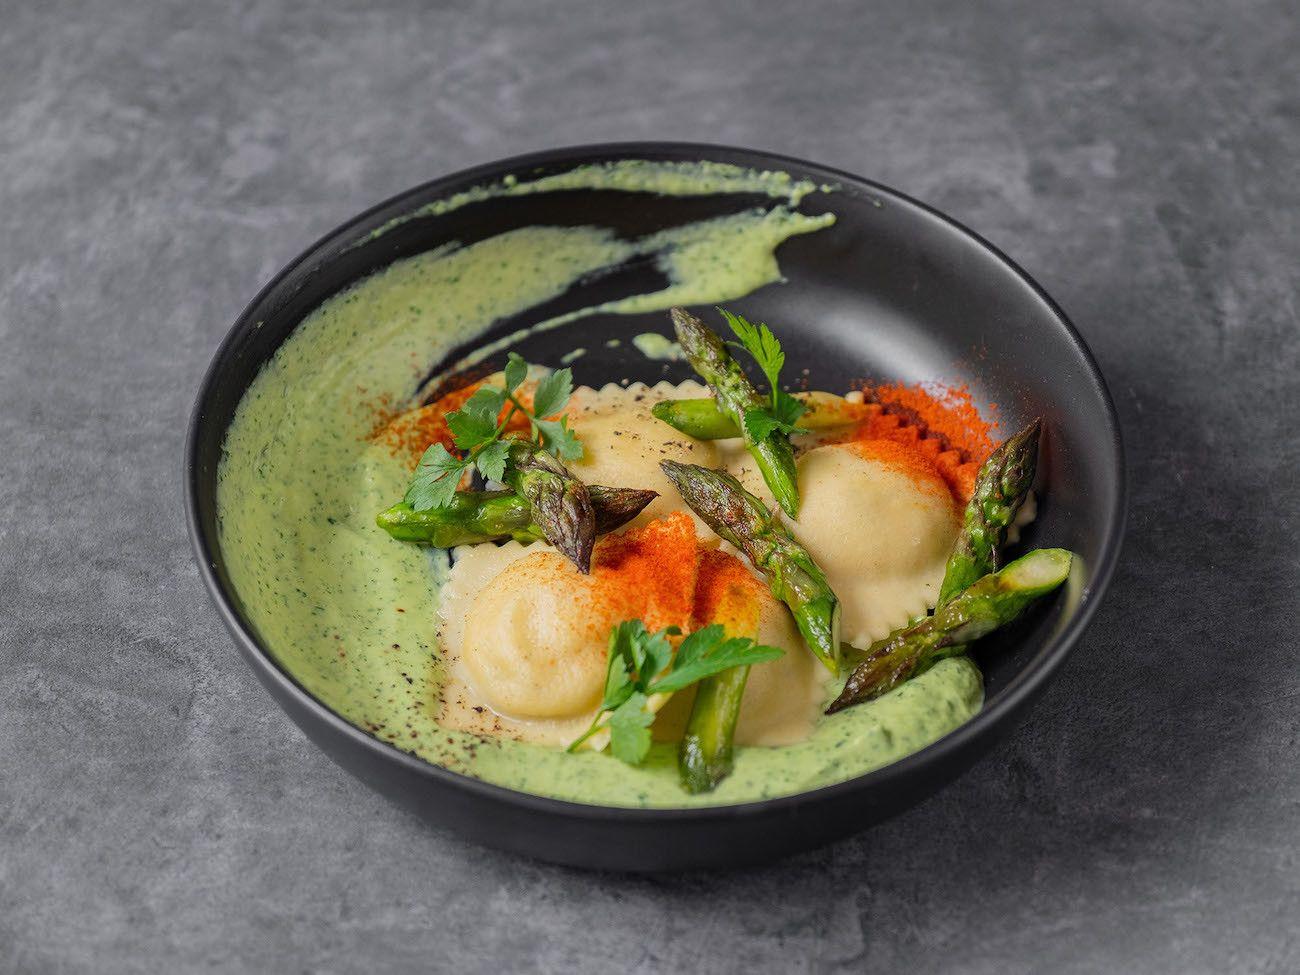 Foodblog, About Fuel, Rezept, Lachsravioli auf Spargel-Kräuter-Mayonnaise und Spargelspitzen, Teller, Petersilie, Pasta